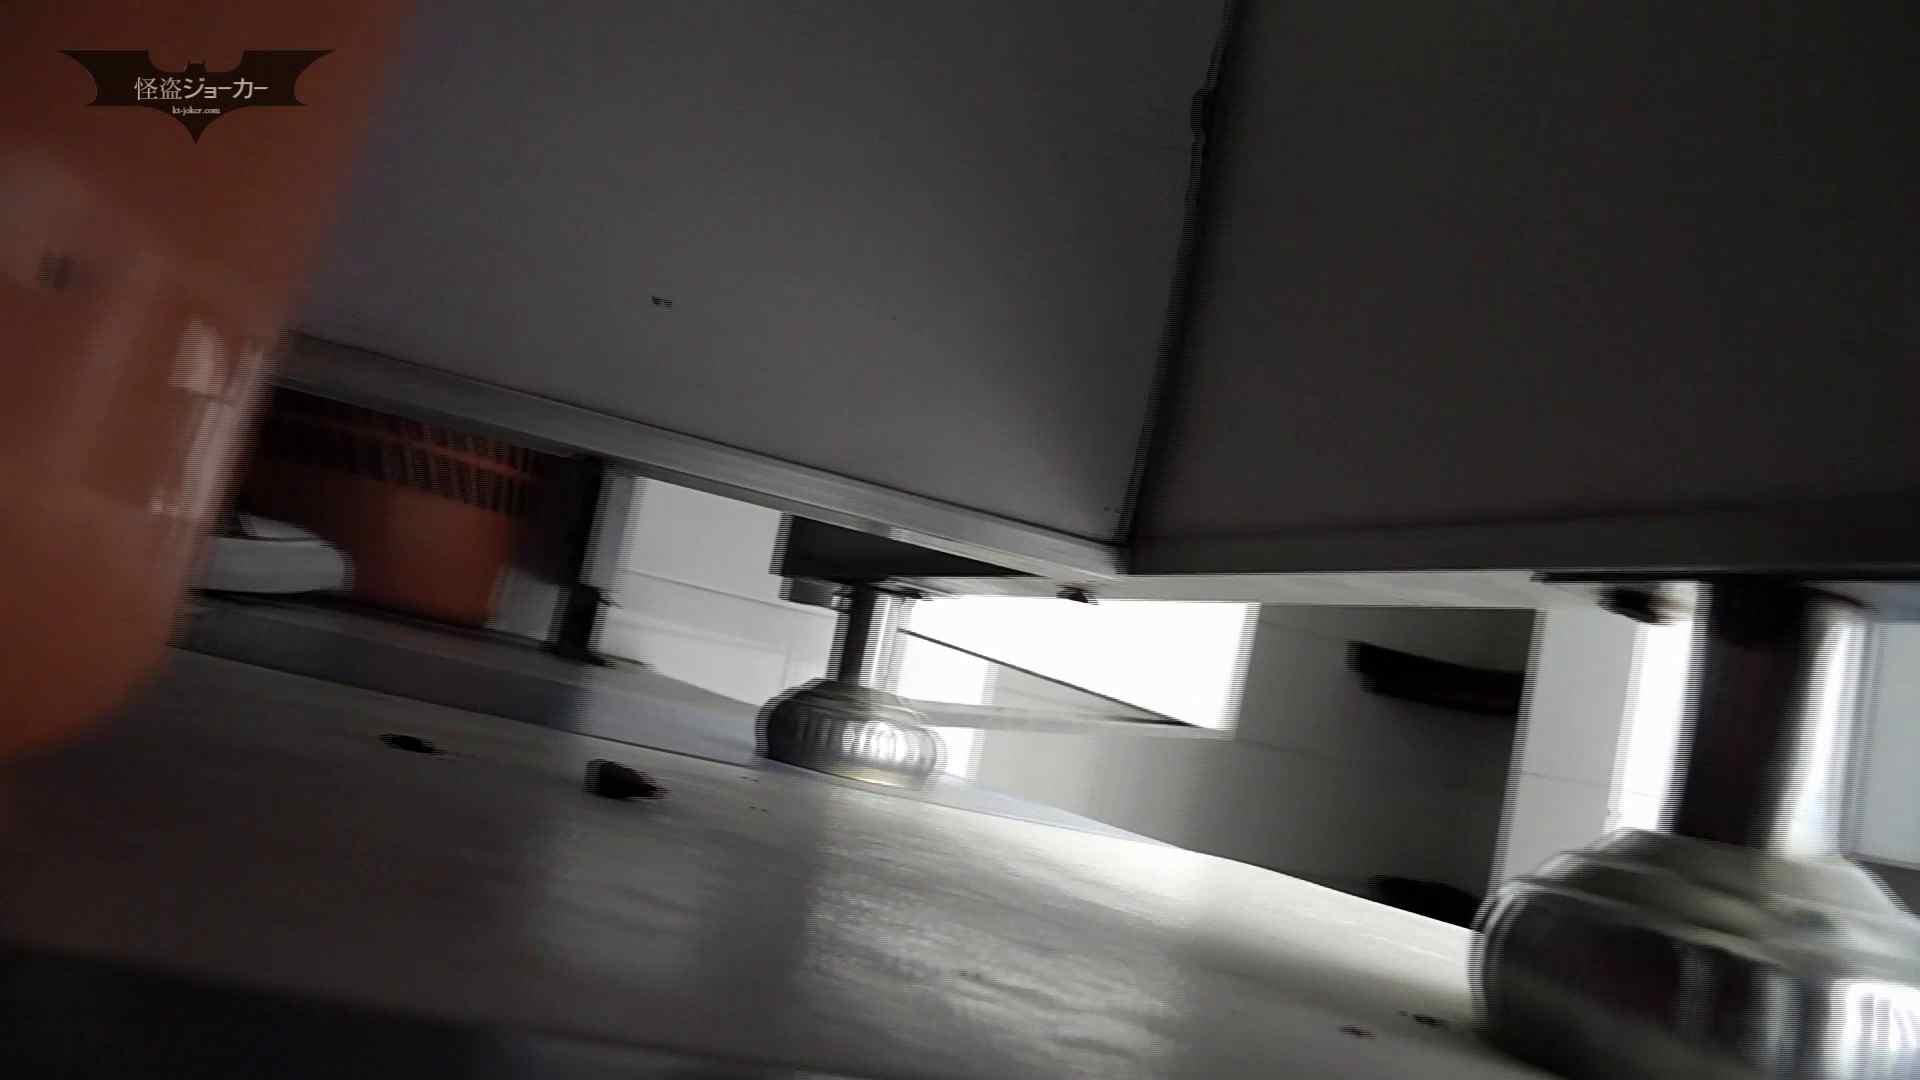 無修正エロ動画|下からノゾム vol.032 走って追跡、そして、カメラ見られ大ピンチ|怪盗ジョーカー